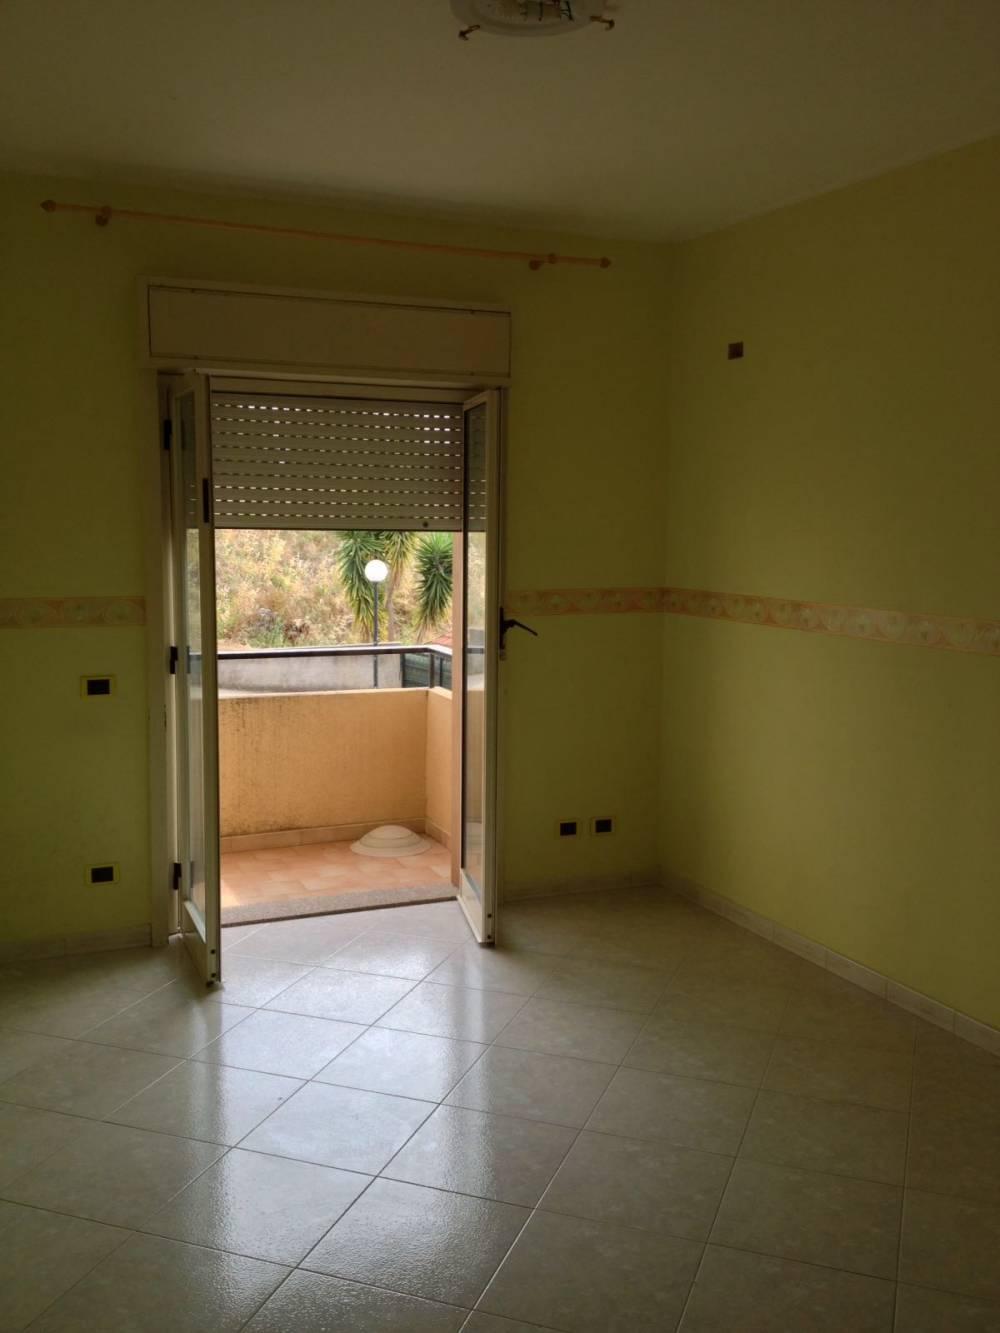 Camera dell'abitazione in vendita a Capo d'Orlando - Sicilia provincia Messina